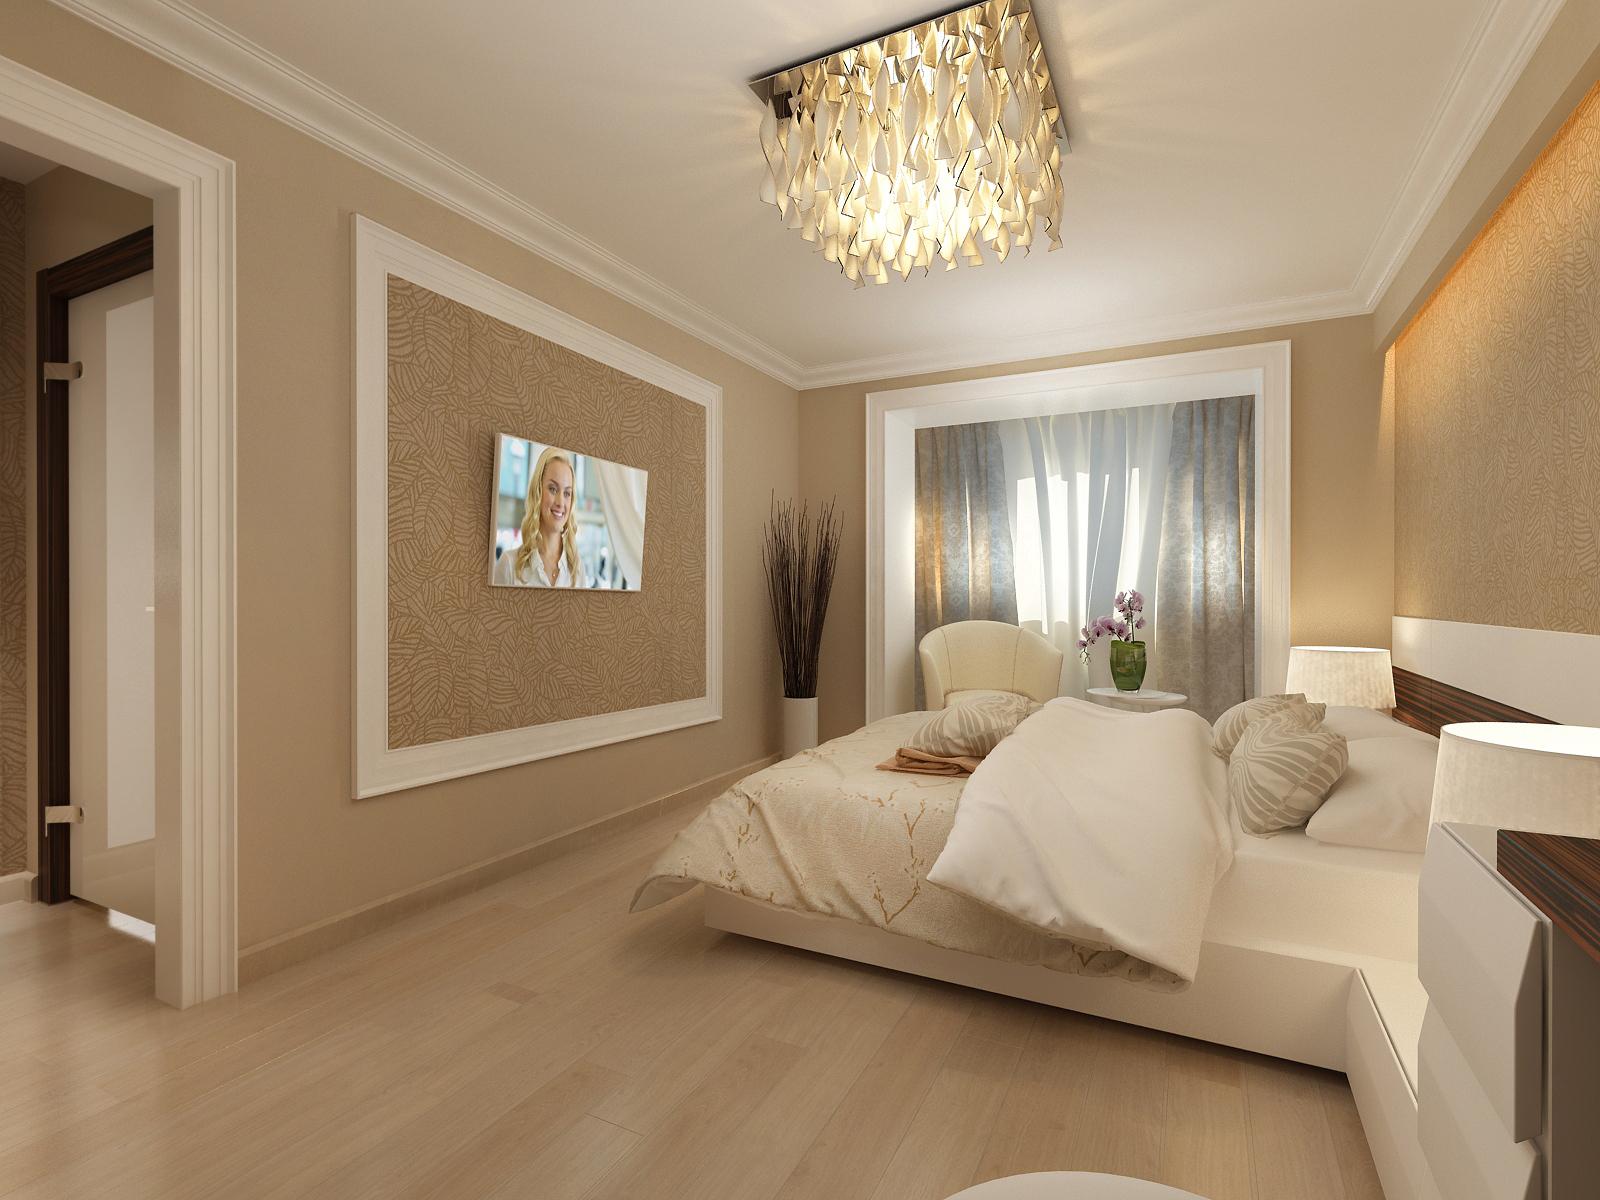 Дизайн спальни в теплых тонах фото